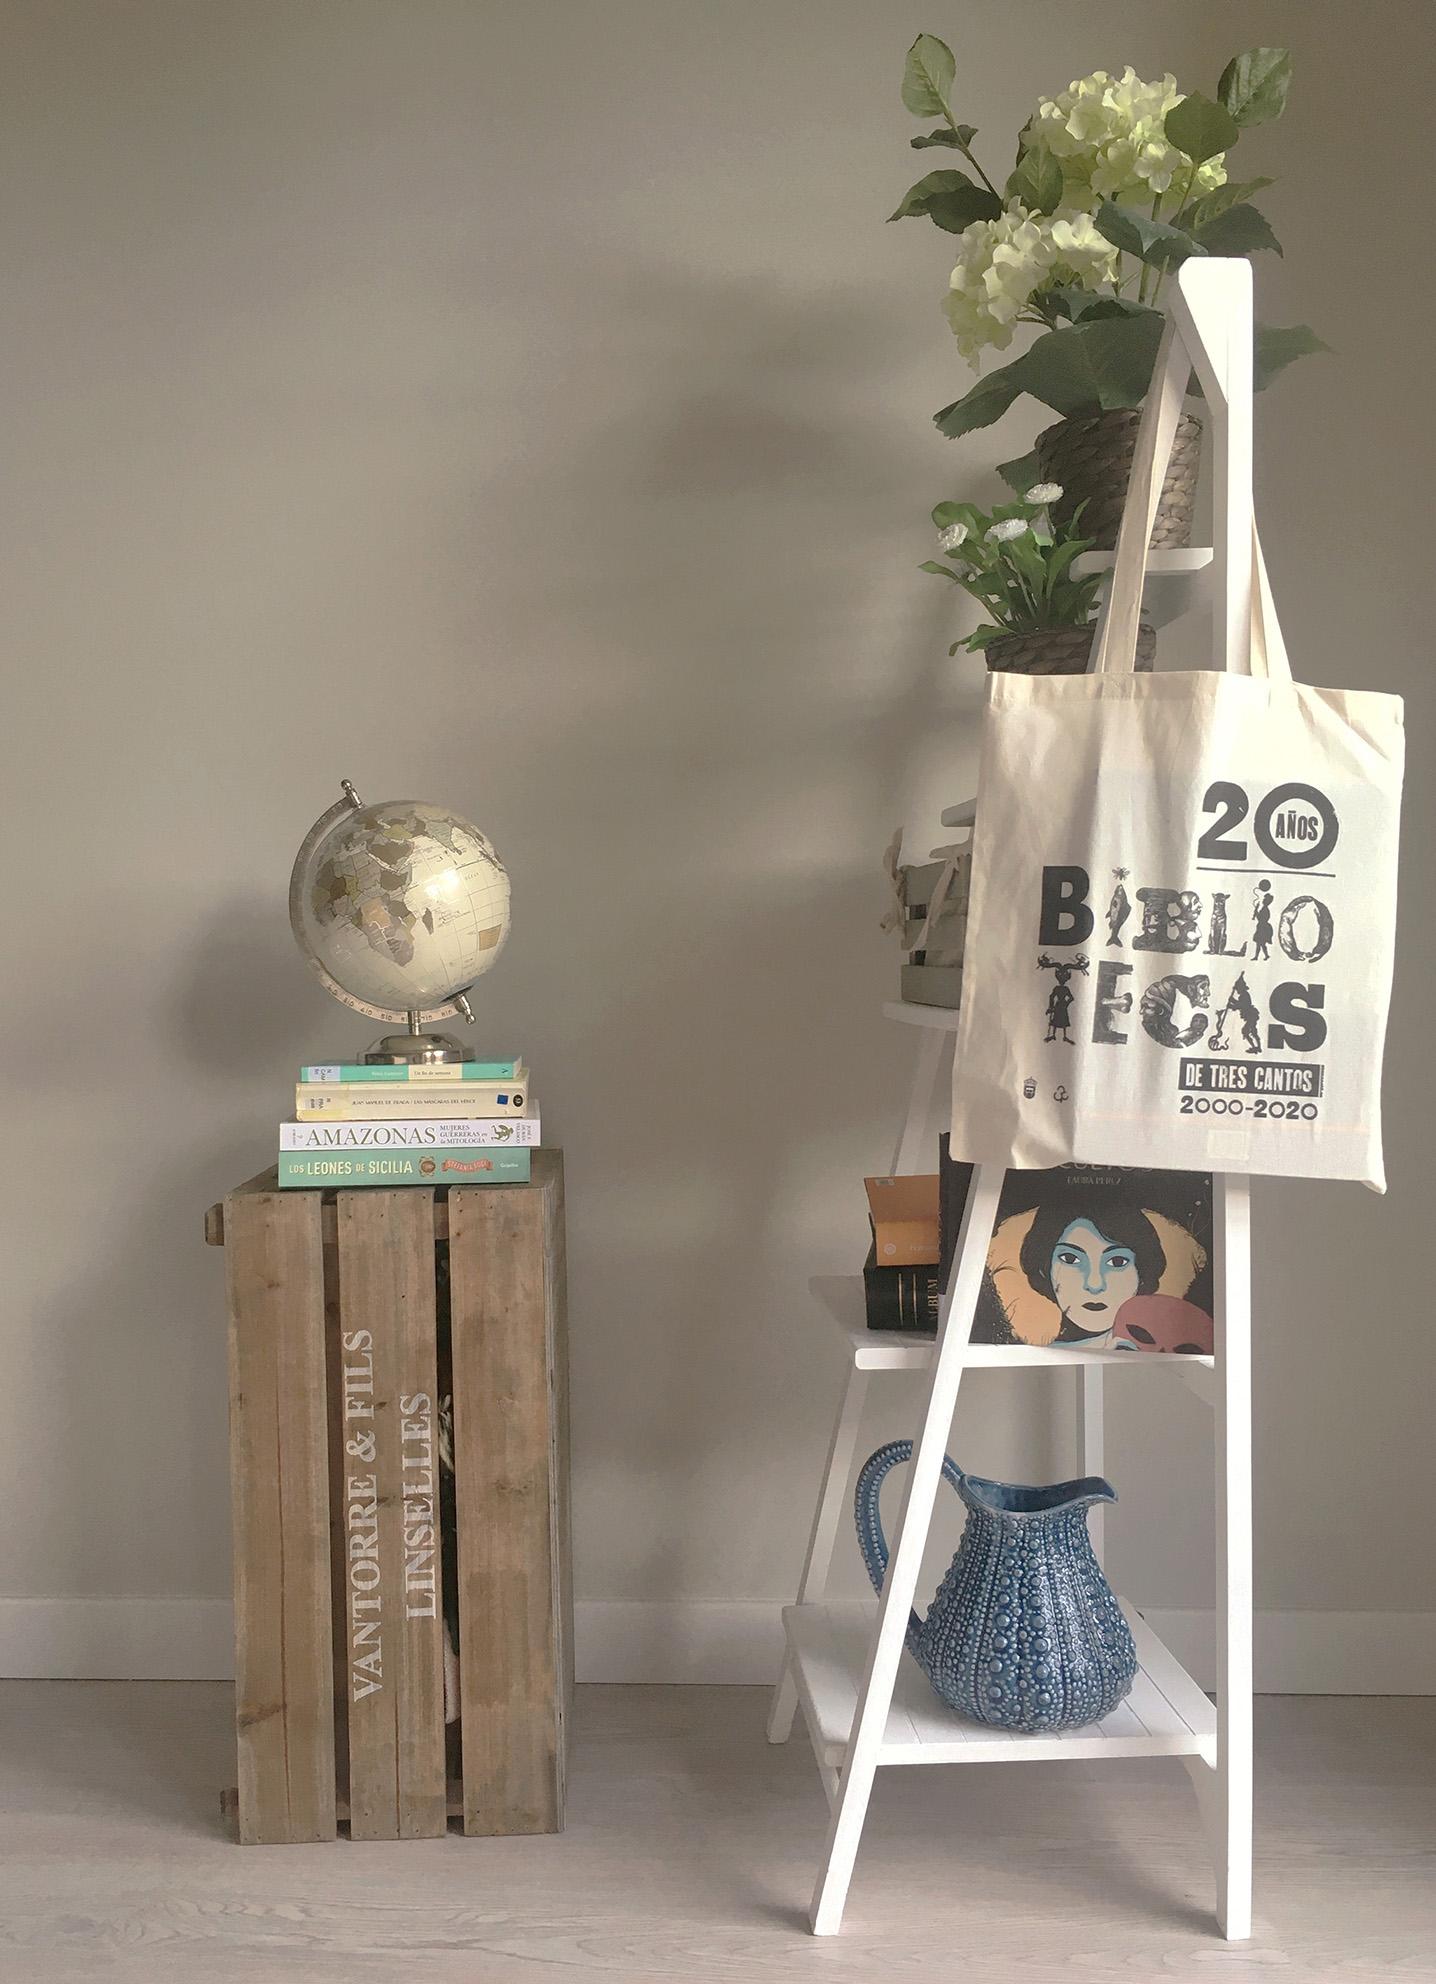 Diseño corporativo Biblioteca Lope de Vega tote bag